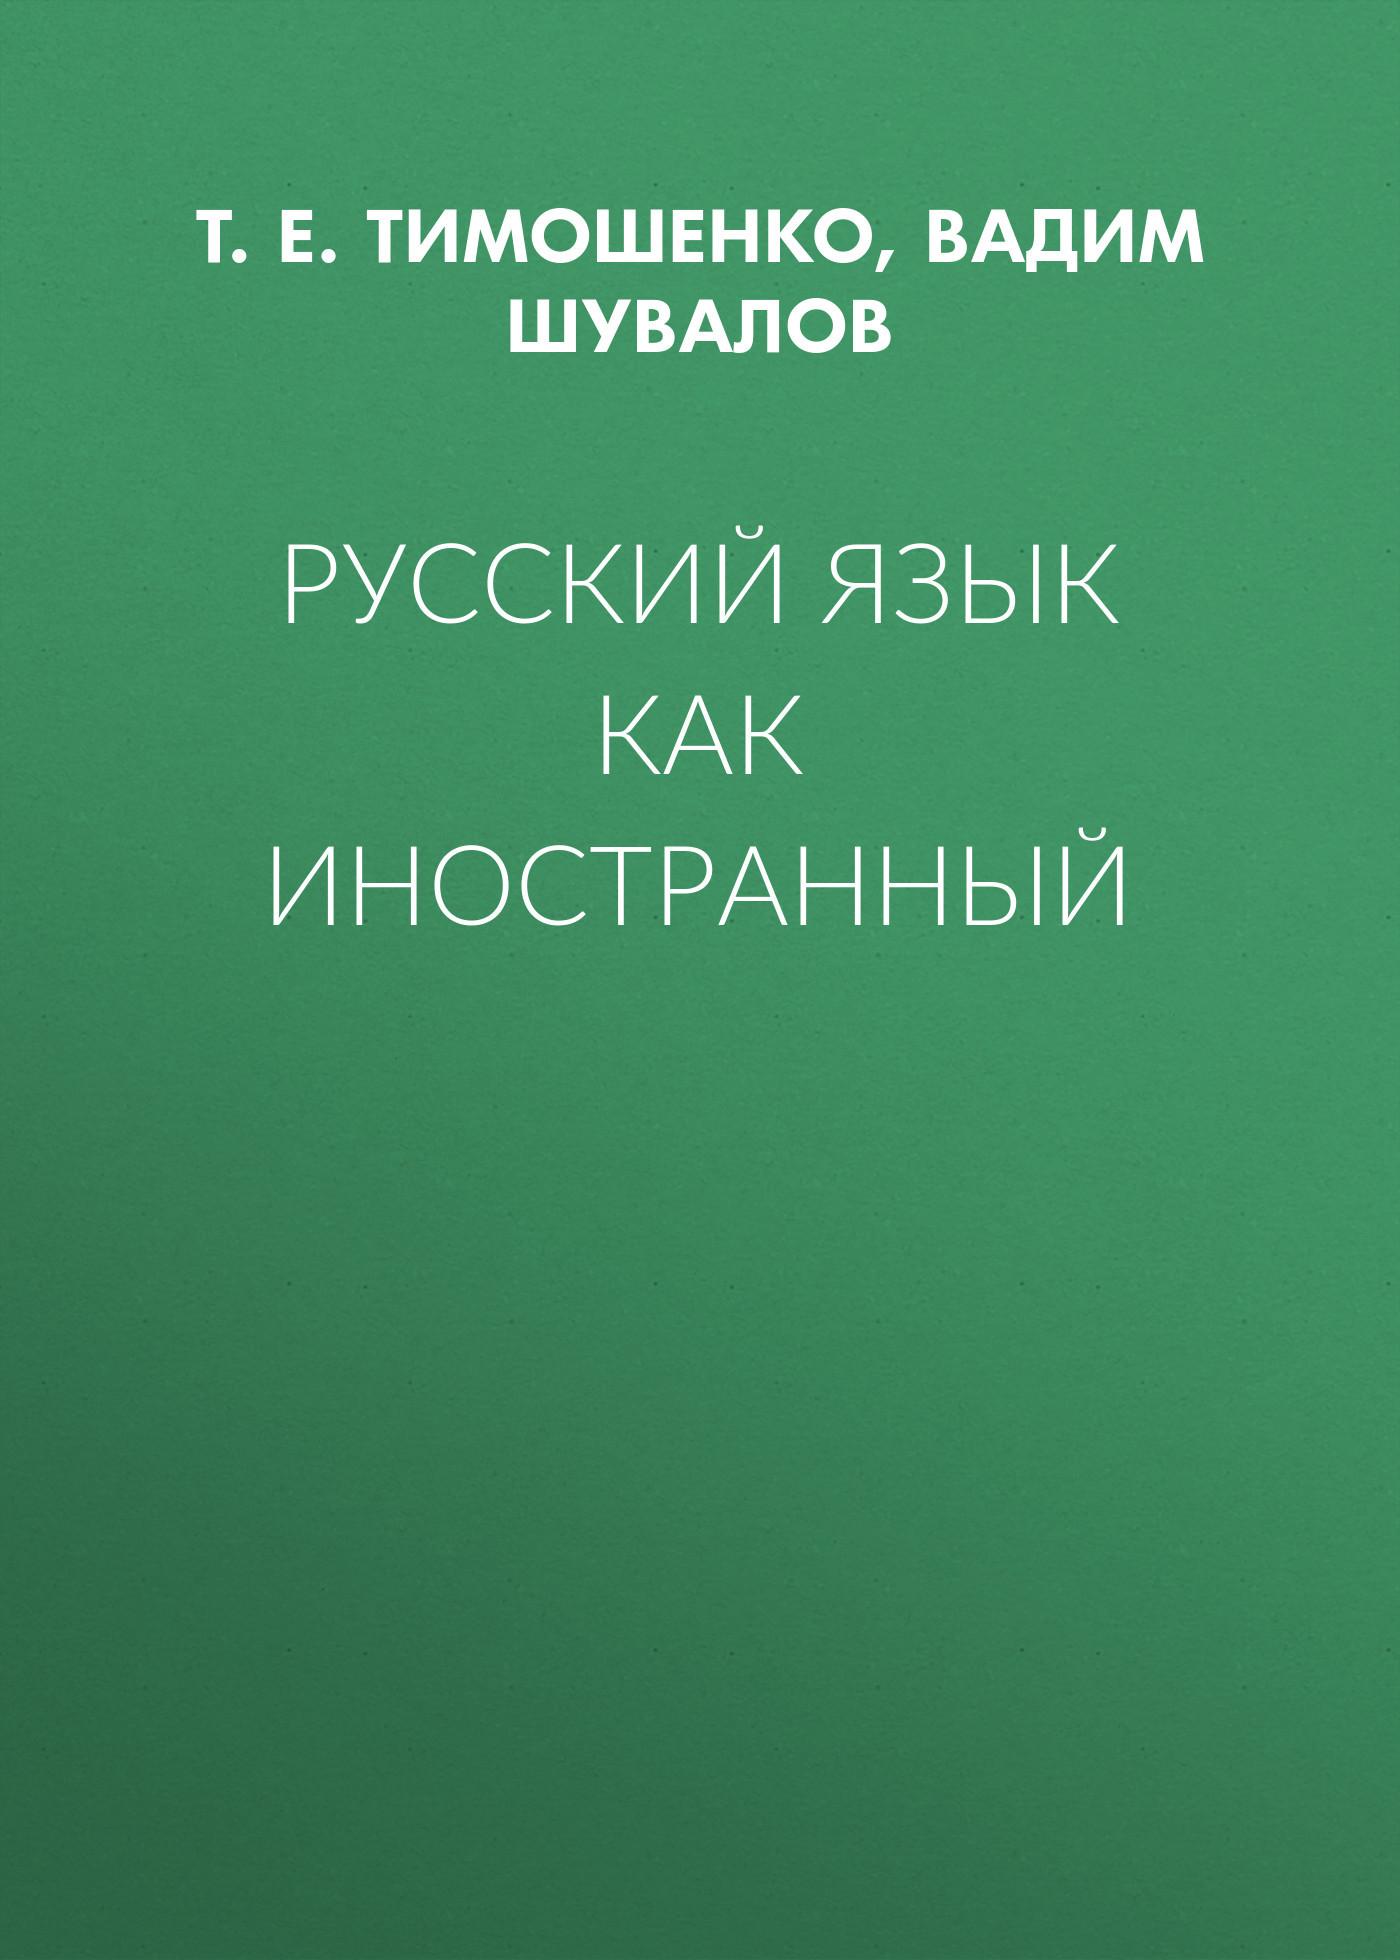 Т. Е. Тимошенко Русский язык как иностранный уплотнитель вертикальный рки 19 купить в волгограде